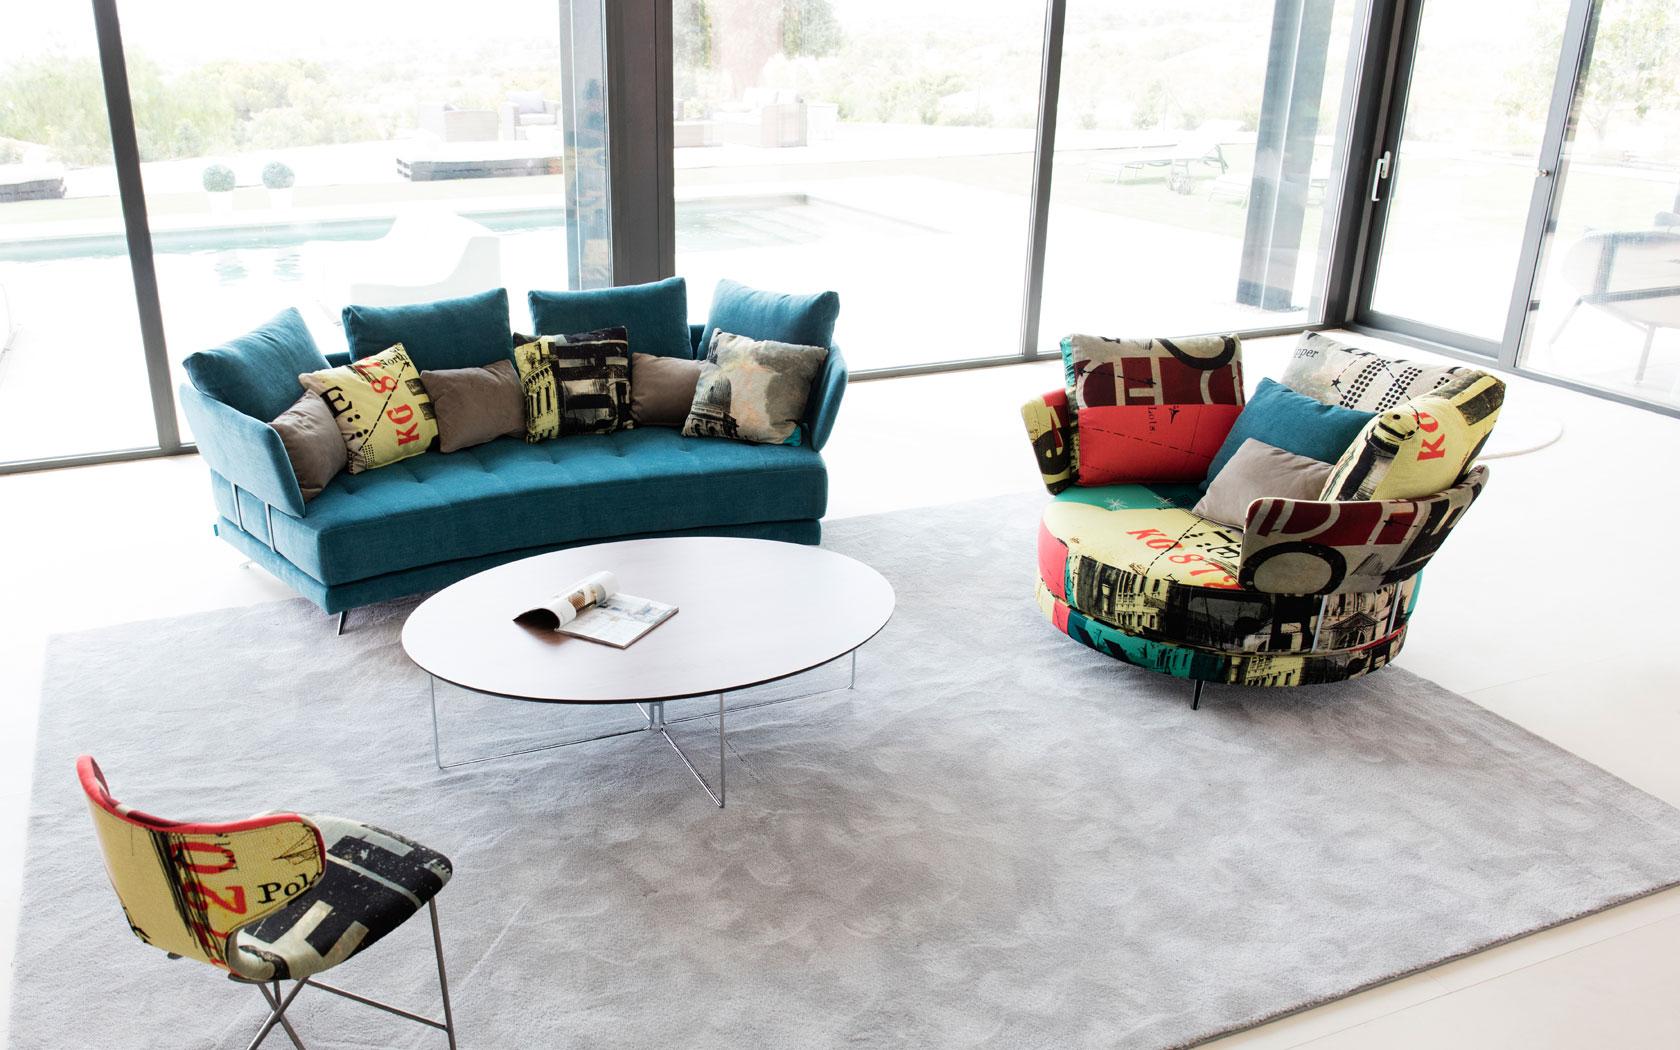 Pacific sofa Fama 2019 06